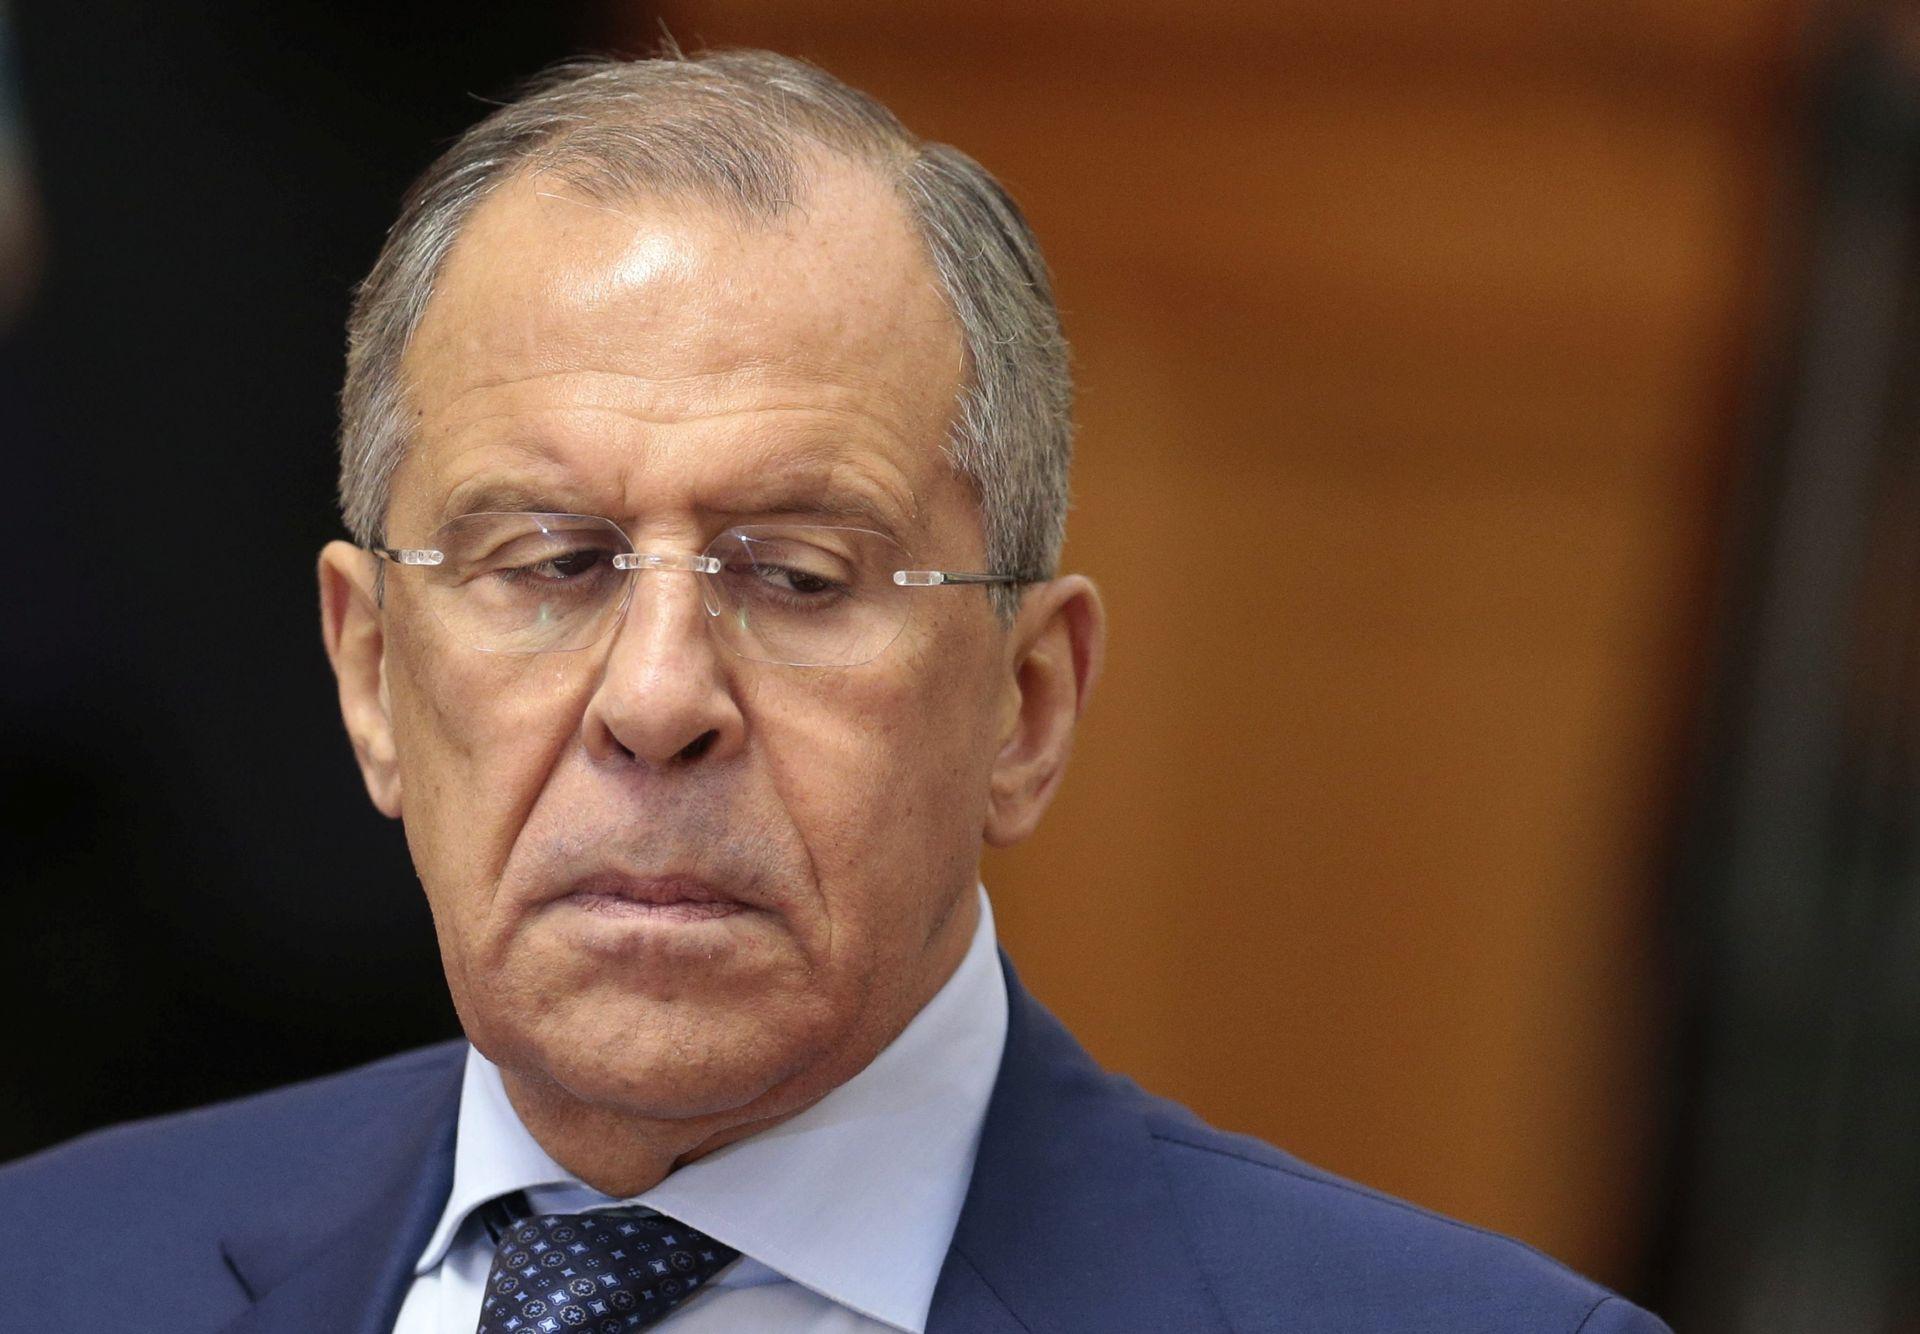 RUSKI ŠEF DIPLOMACIJE Lavrov: Obama nije govorio istinu o raketnom štitu